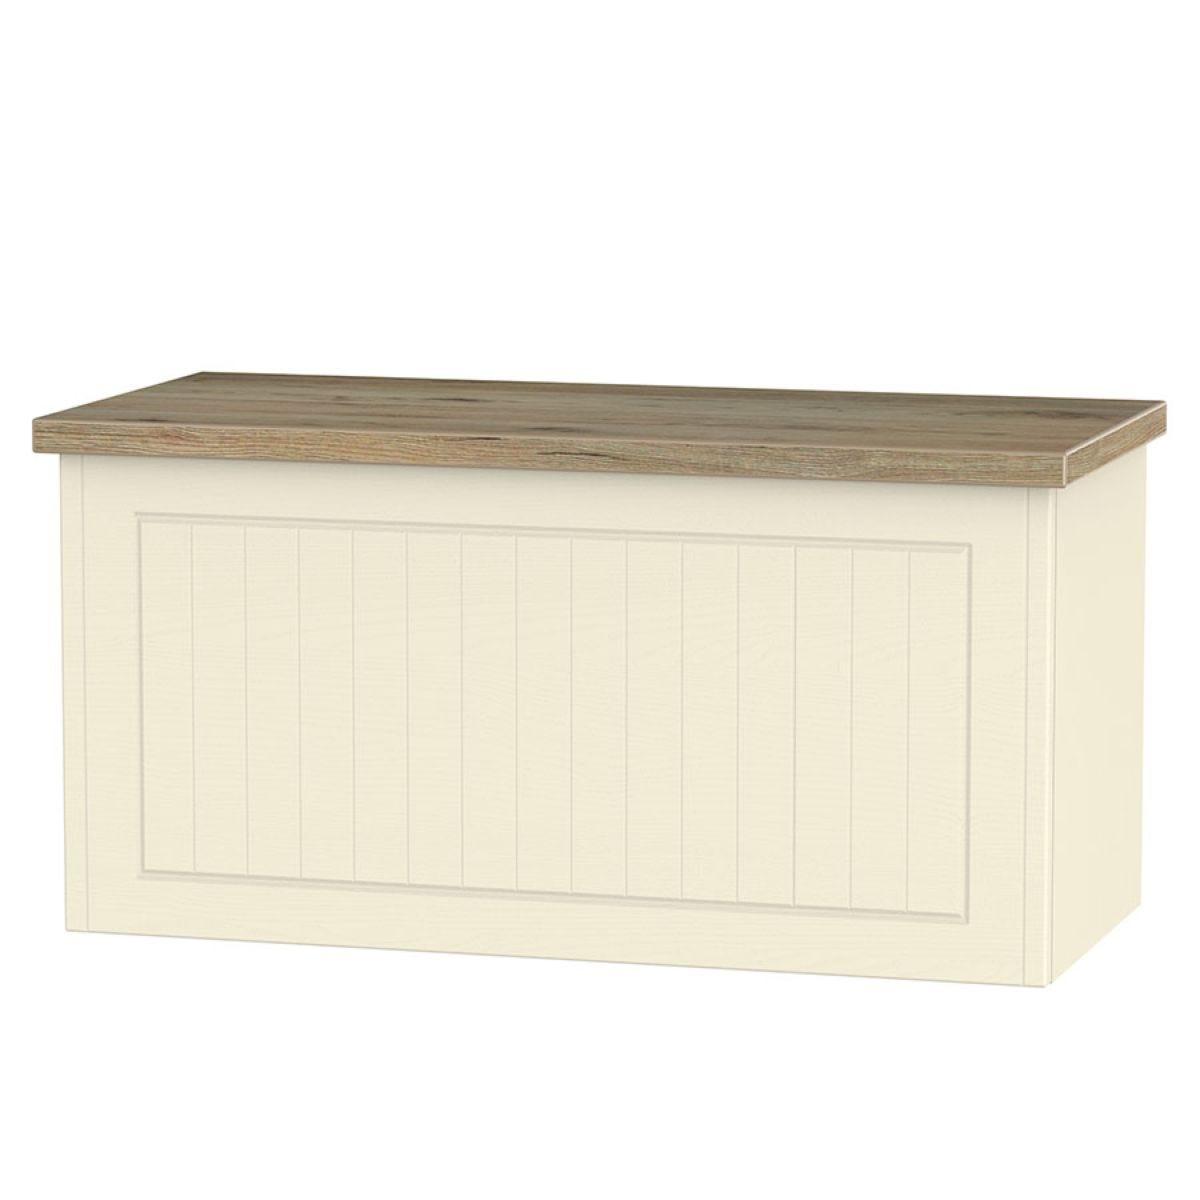 Wilcox Blanket Box - Cream Ash